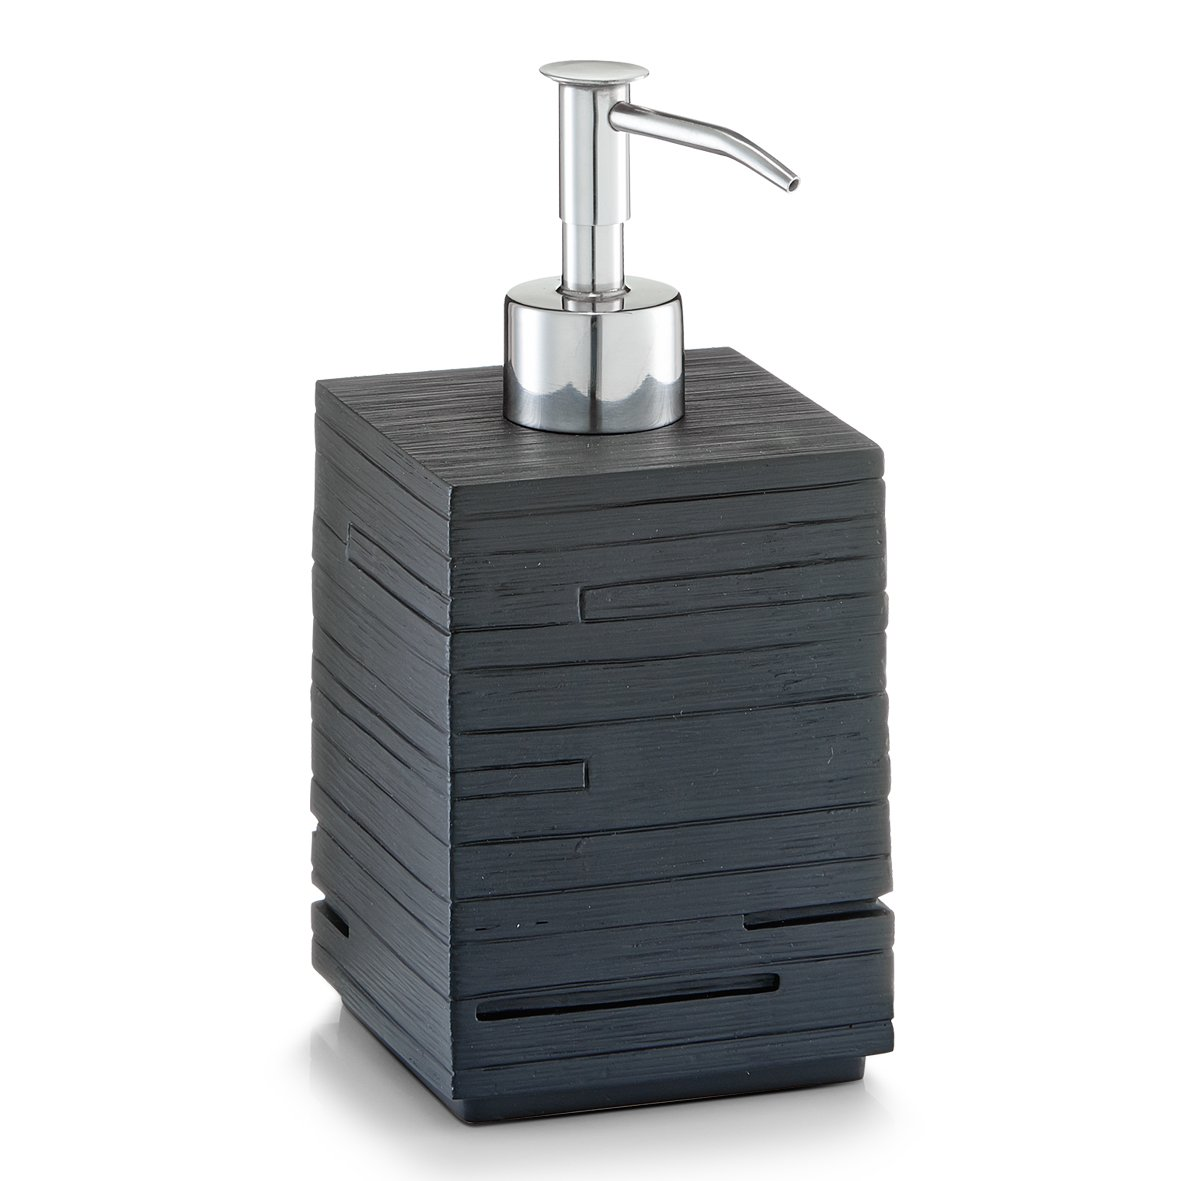 Zeller - 18316, Dispenser per sapone liquido Schiefer, in poliresina, 8 x 8 x 16 cm, Nero (schwarz)